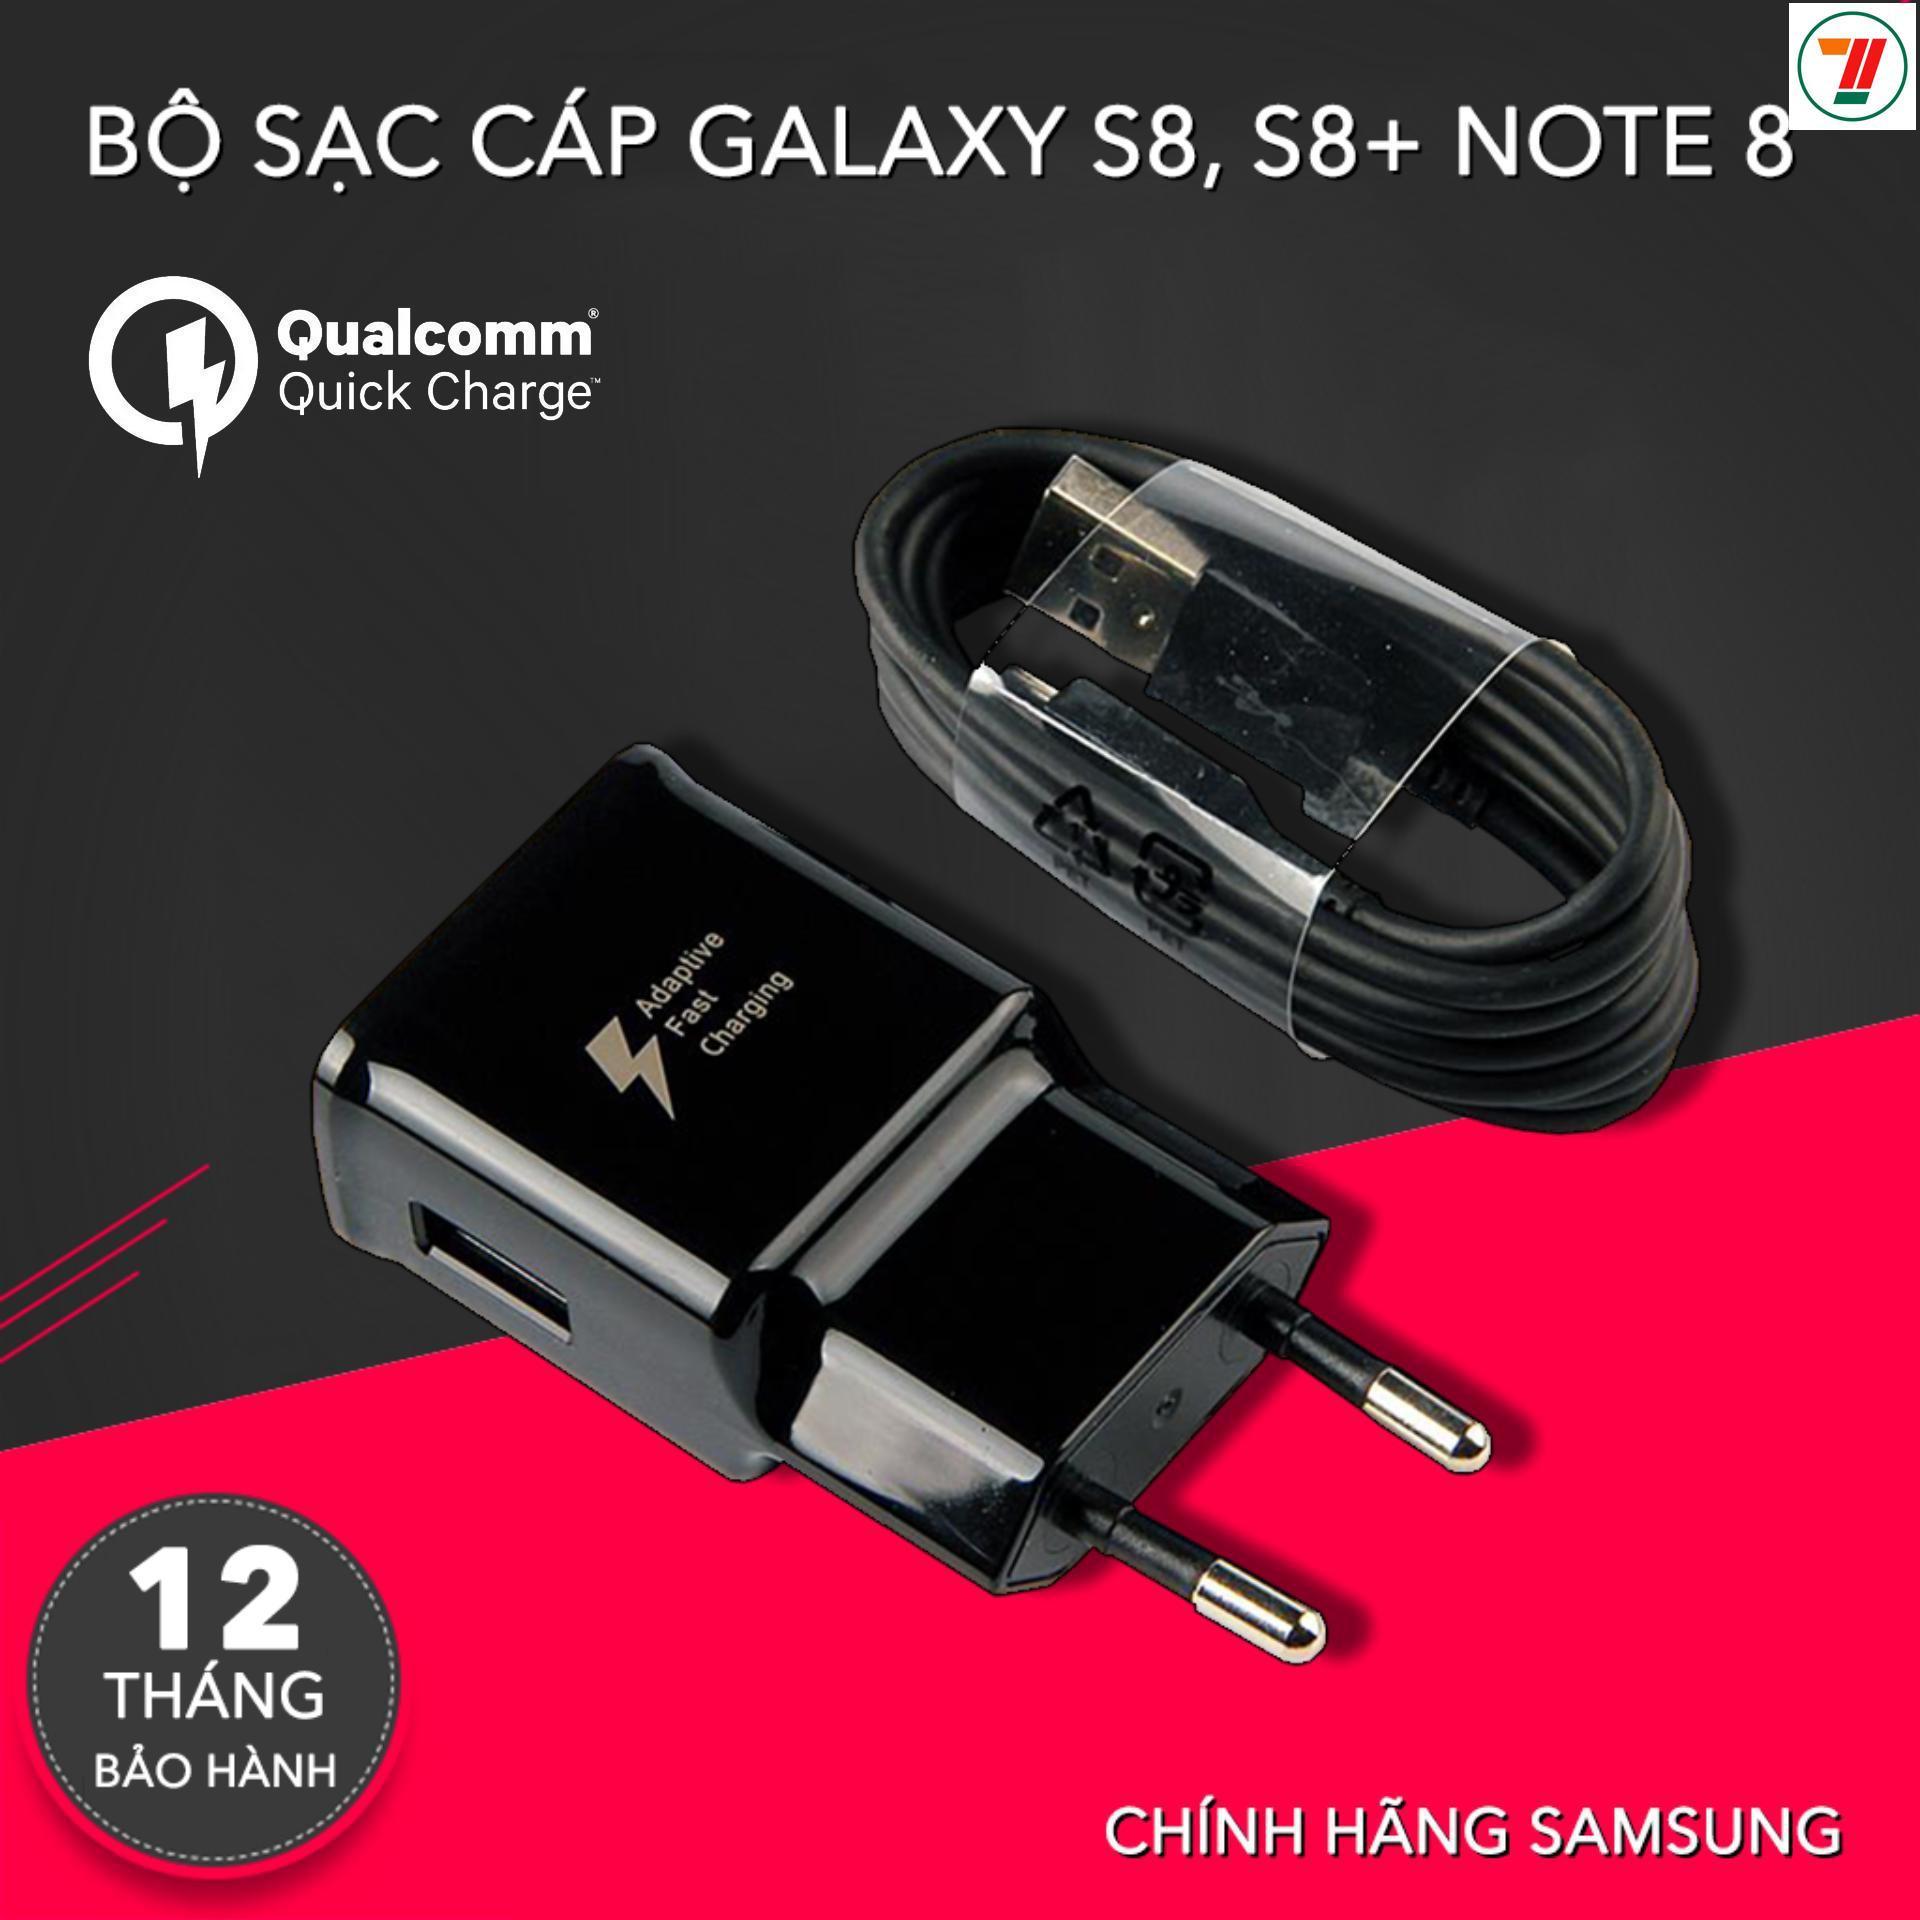 Củ Sạc Nhanh Kèm Cáp Sạc Nhanh Type C Samsung Galaxy S8/ S8 Plus Và Các Sản Phẩm Sử Dụng Cáp Sạc đầu Cắm Type C / Sản Xuất Tại Việt Nam Đang Hạ Giá tại Lazada